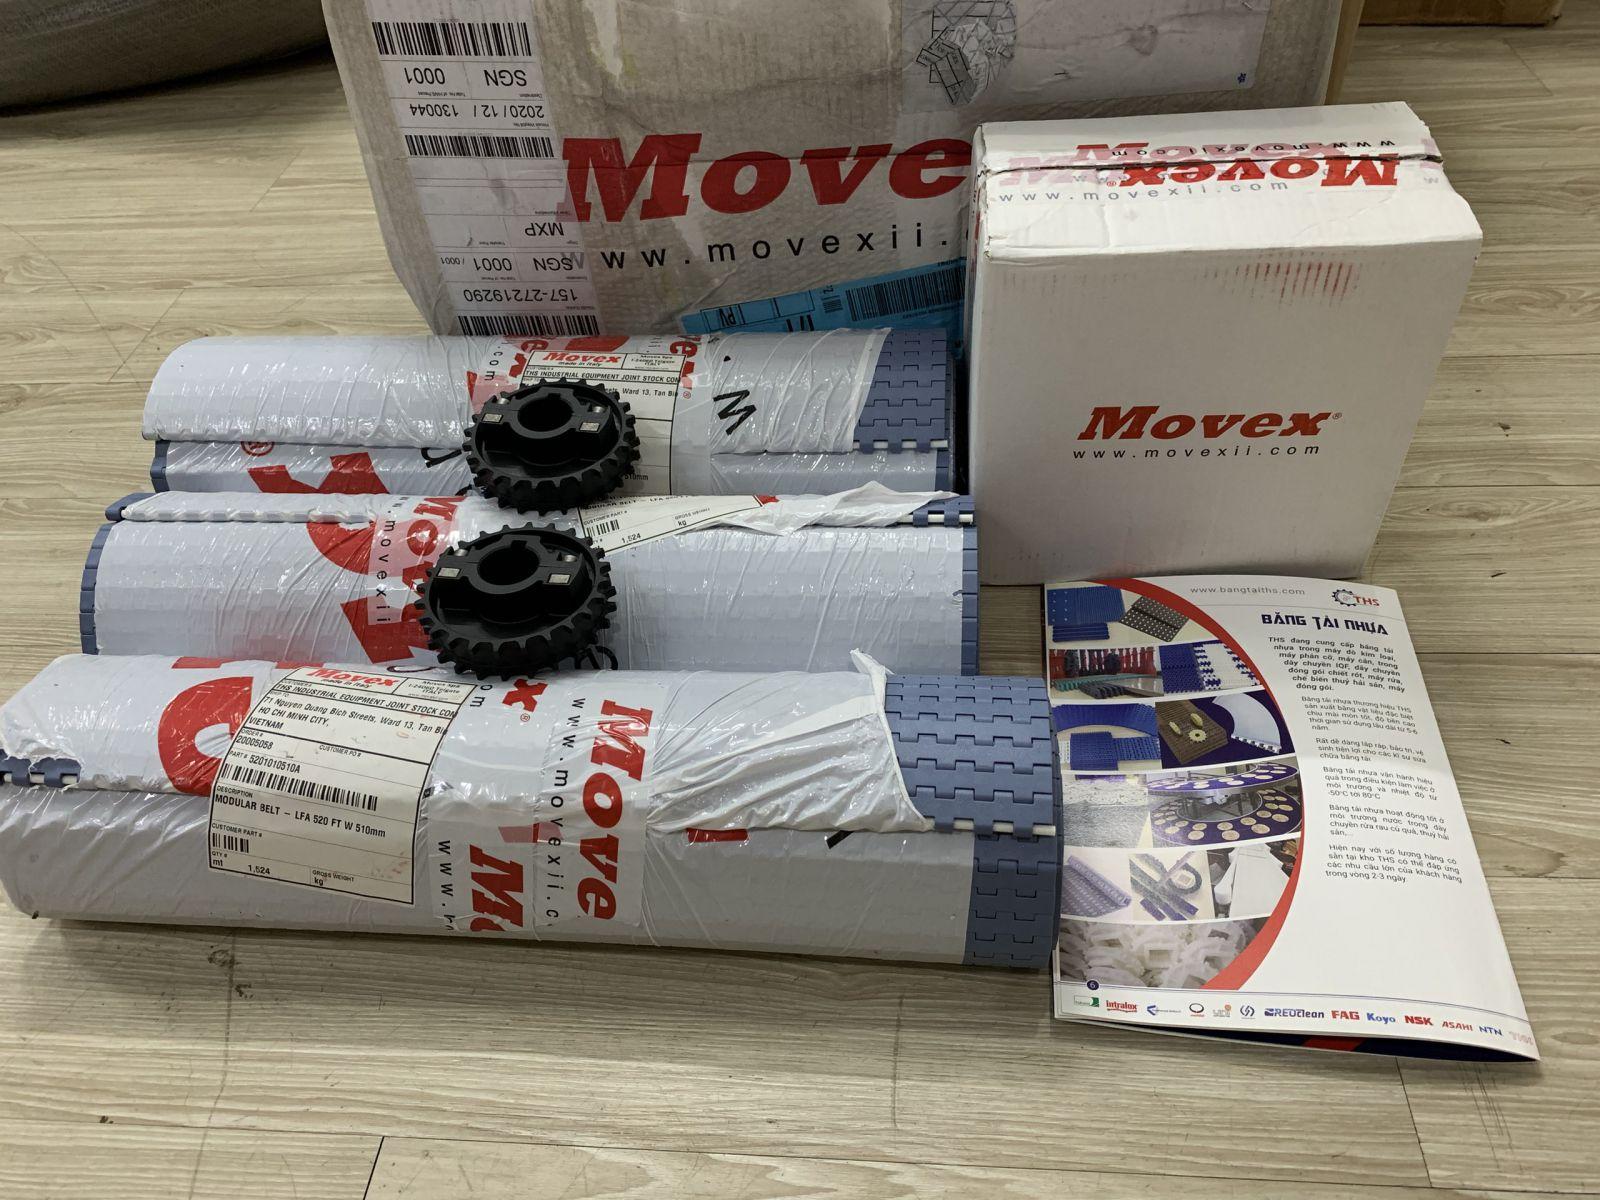 băng tải movex